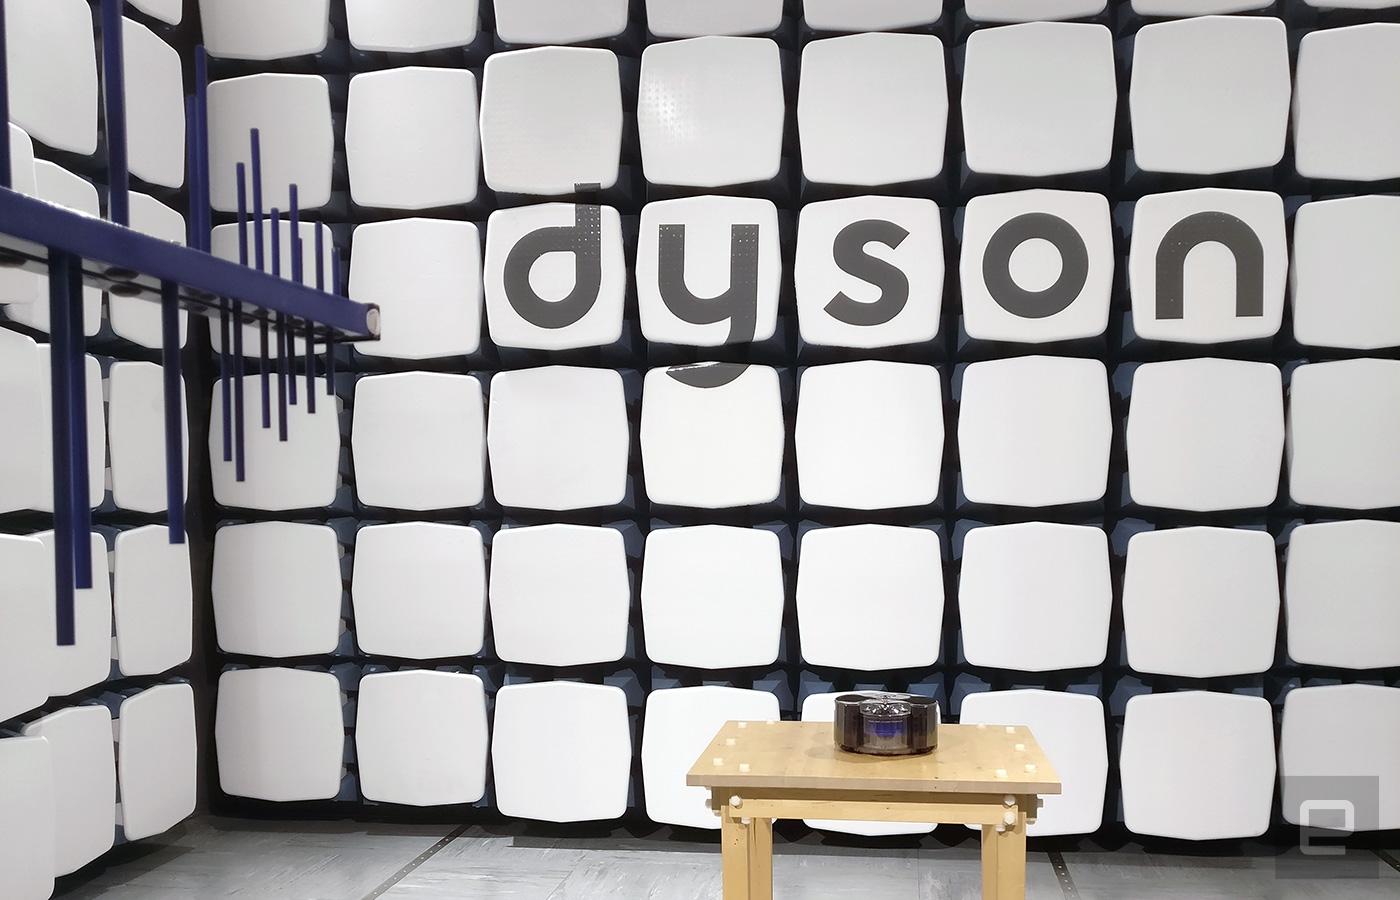 戰鬥機和假人模型:帶你探訪 Dyson 英國總部的日常